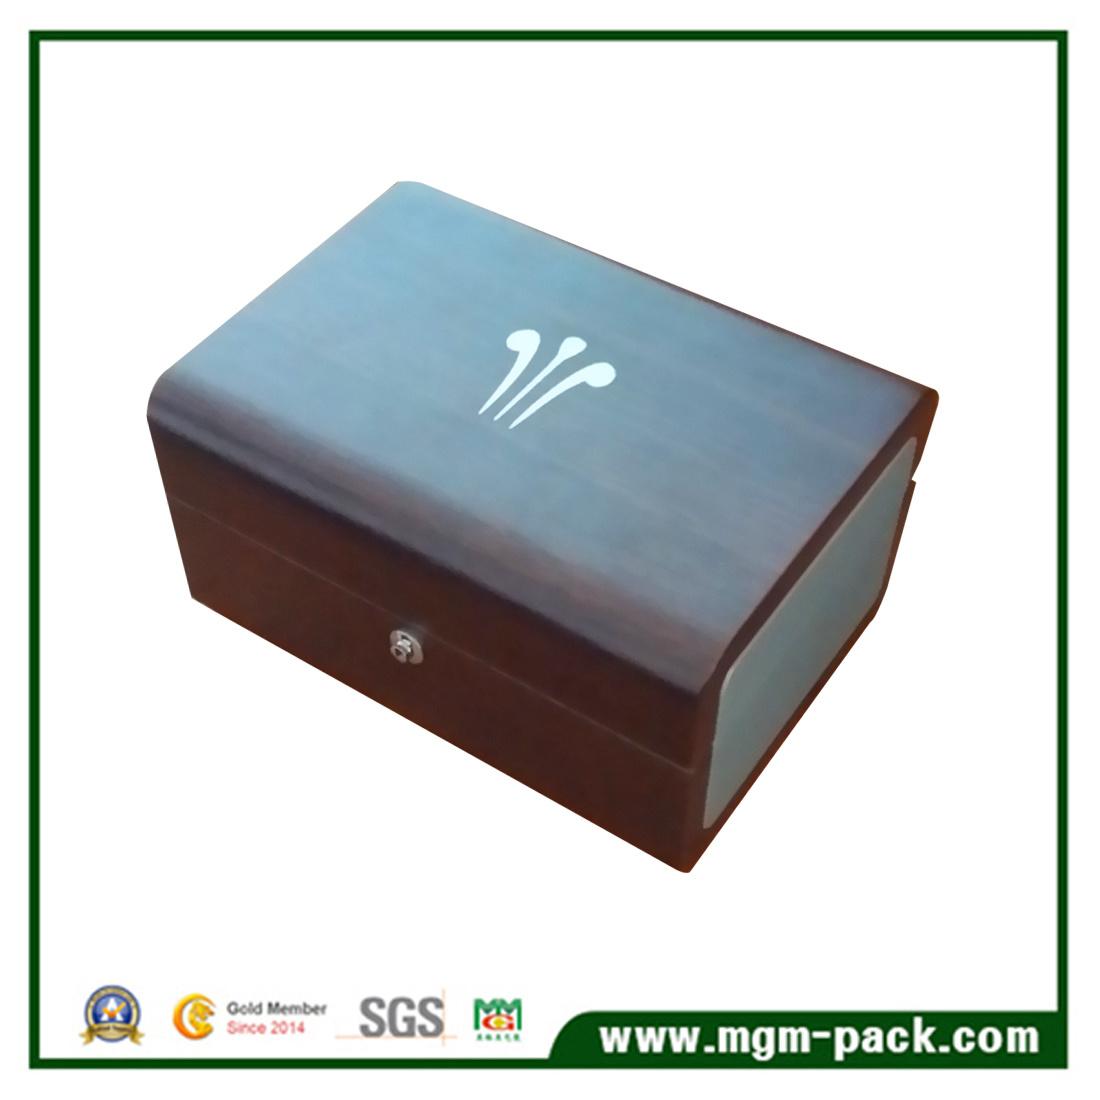 Fancy Matt Single China Wooden Watch Box